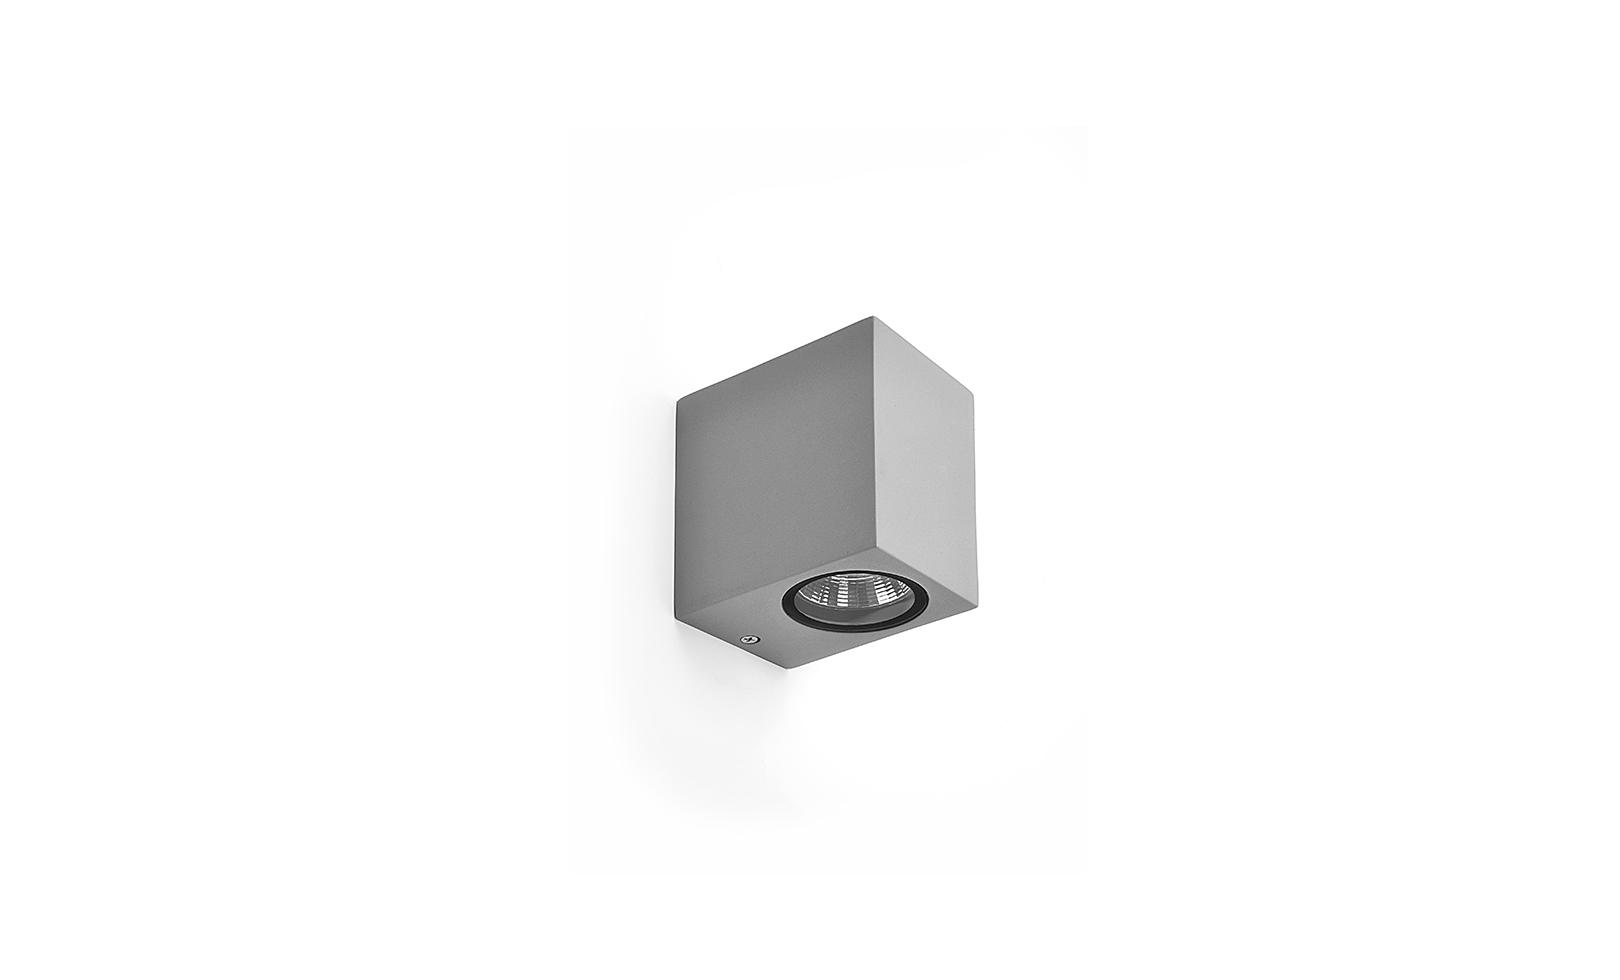 405004 HYDROLED 01 COB LED 9W 2